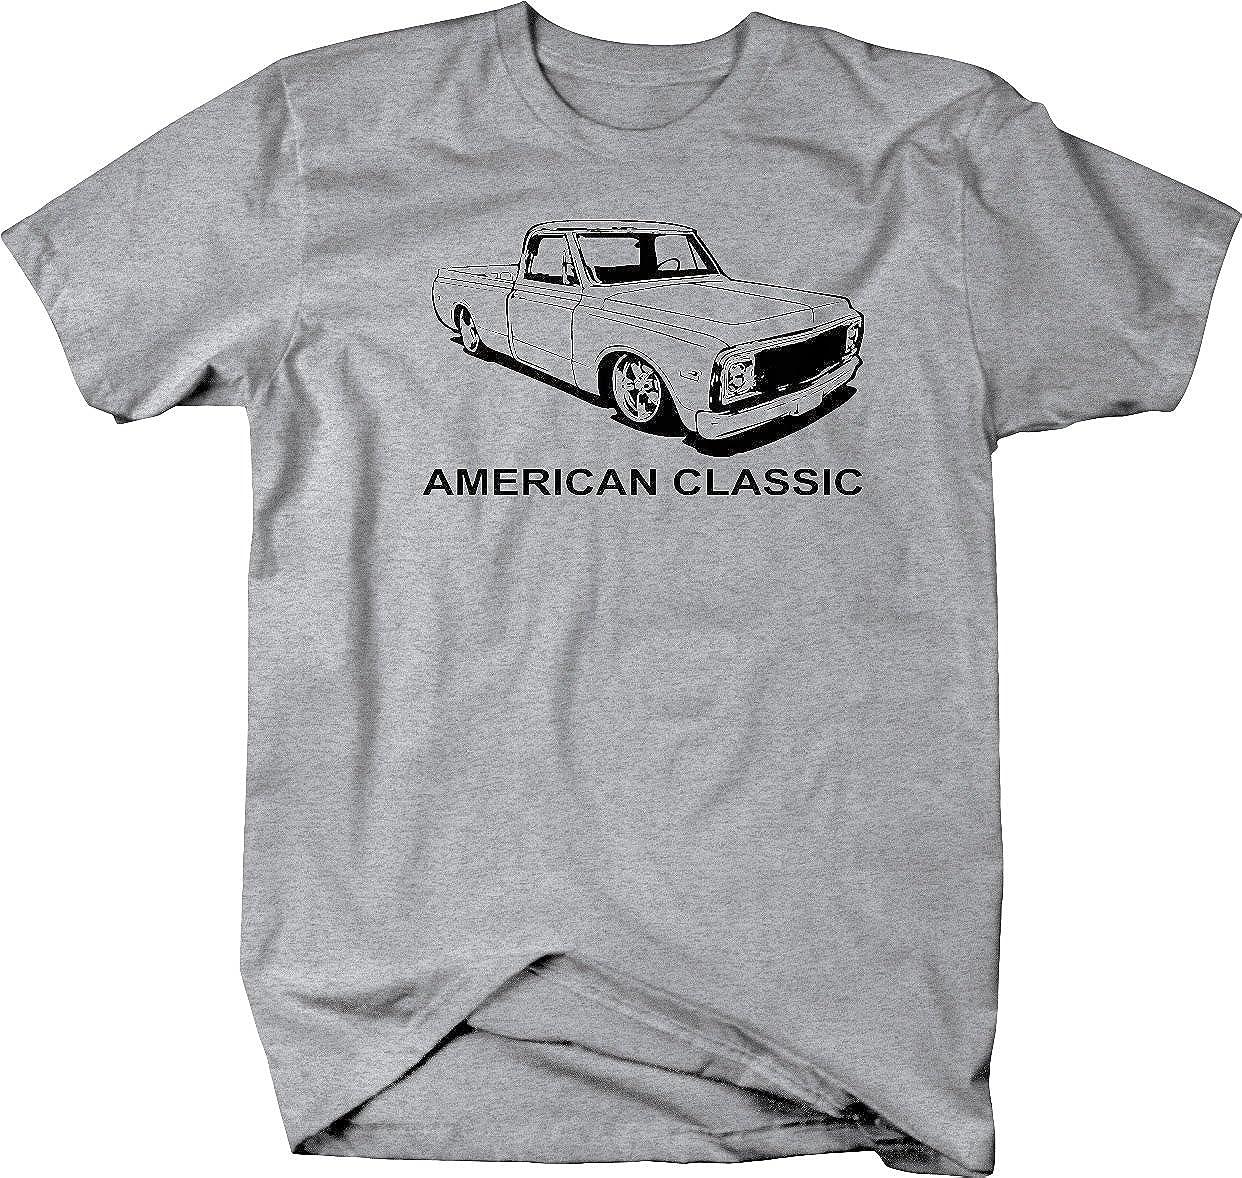 American Classic Chevy C10 Fleetside 1967-72 Pickup Truck Tshirt